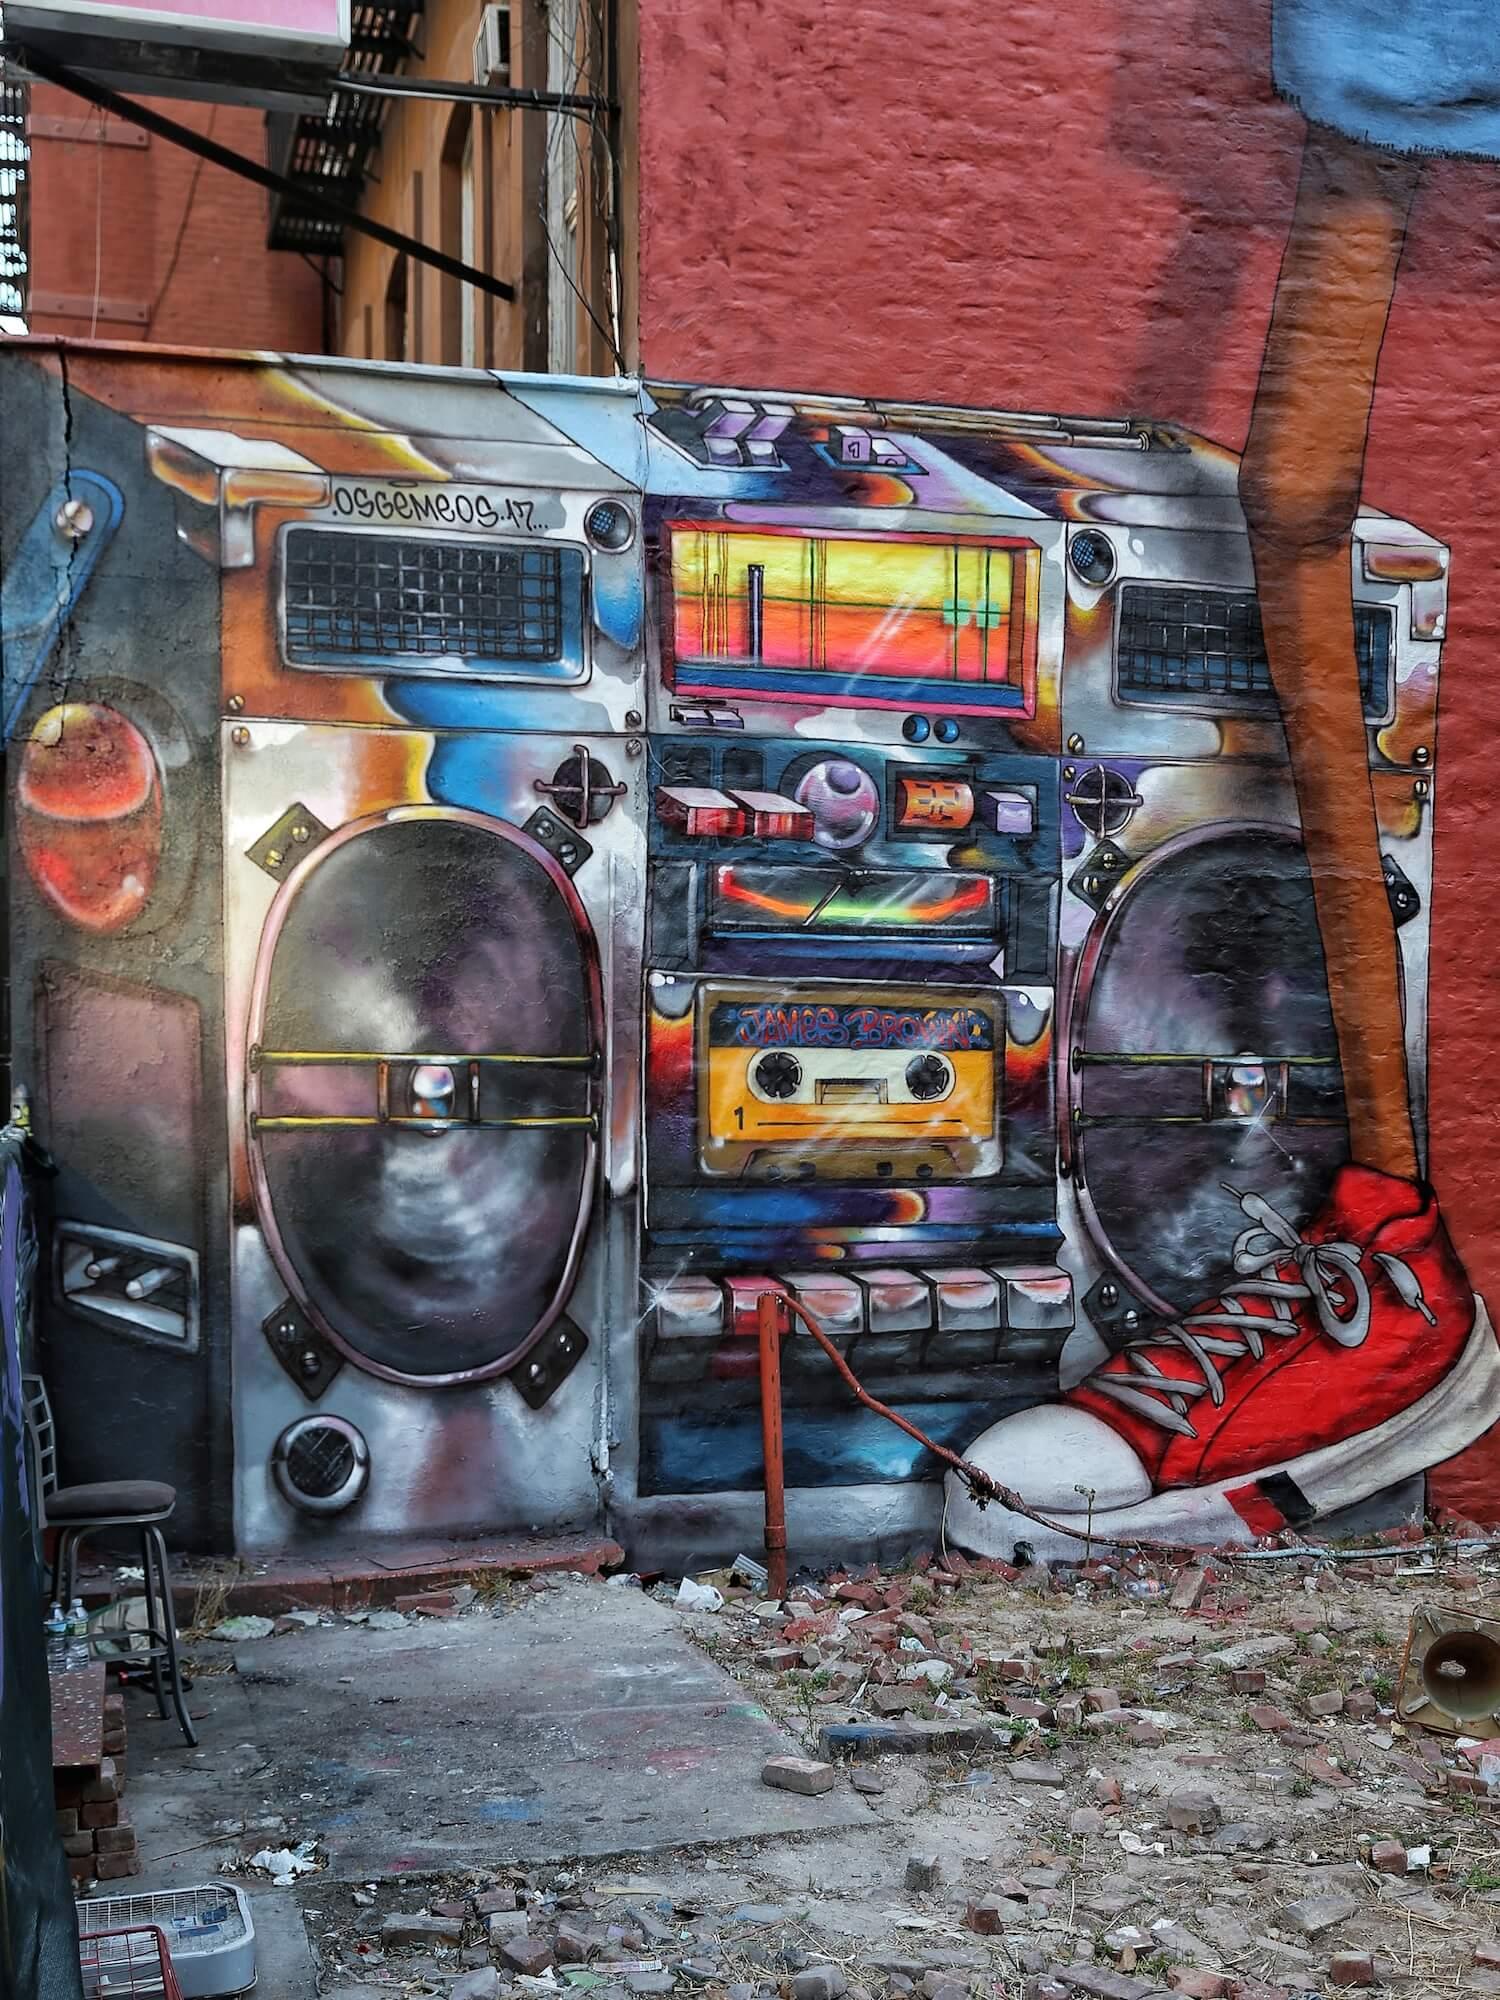 os-gemeos-new-york-graffiti-street-art-hip-hop-martha-cooper-pc-just-a-spectator-1